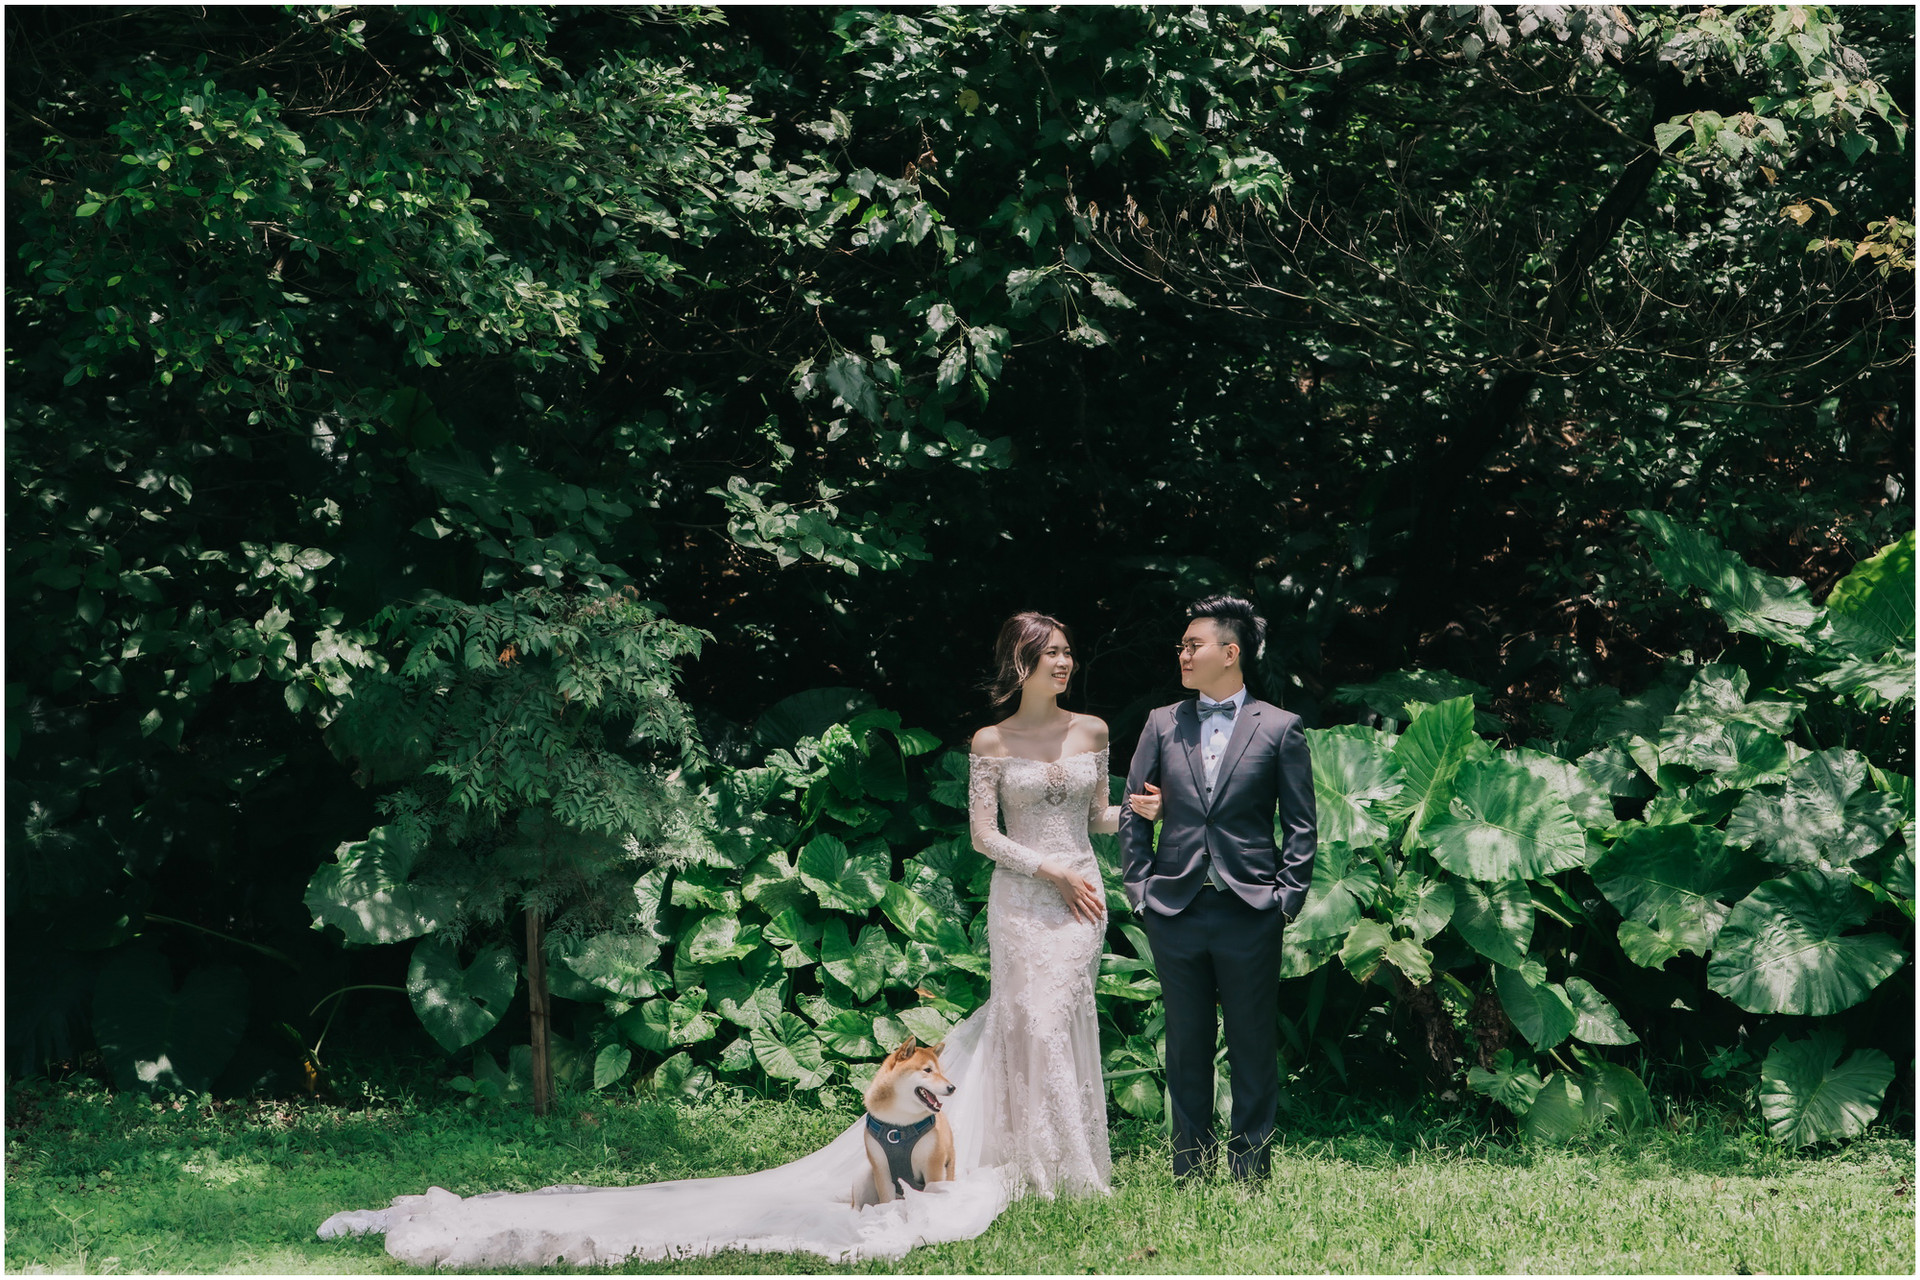 華山藝文特區 / 砲台公園 / 沙崙海邊 / 寵物婚紗 / 寵物寫真 / 自然捲棚拍 / 板橋婚紗攝影 / 素人寫真